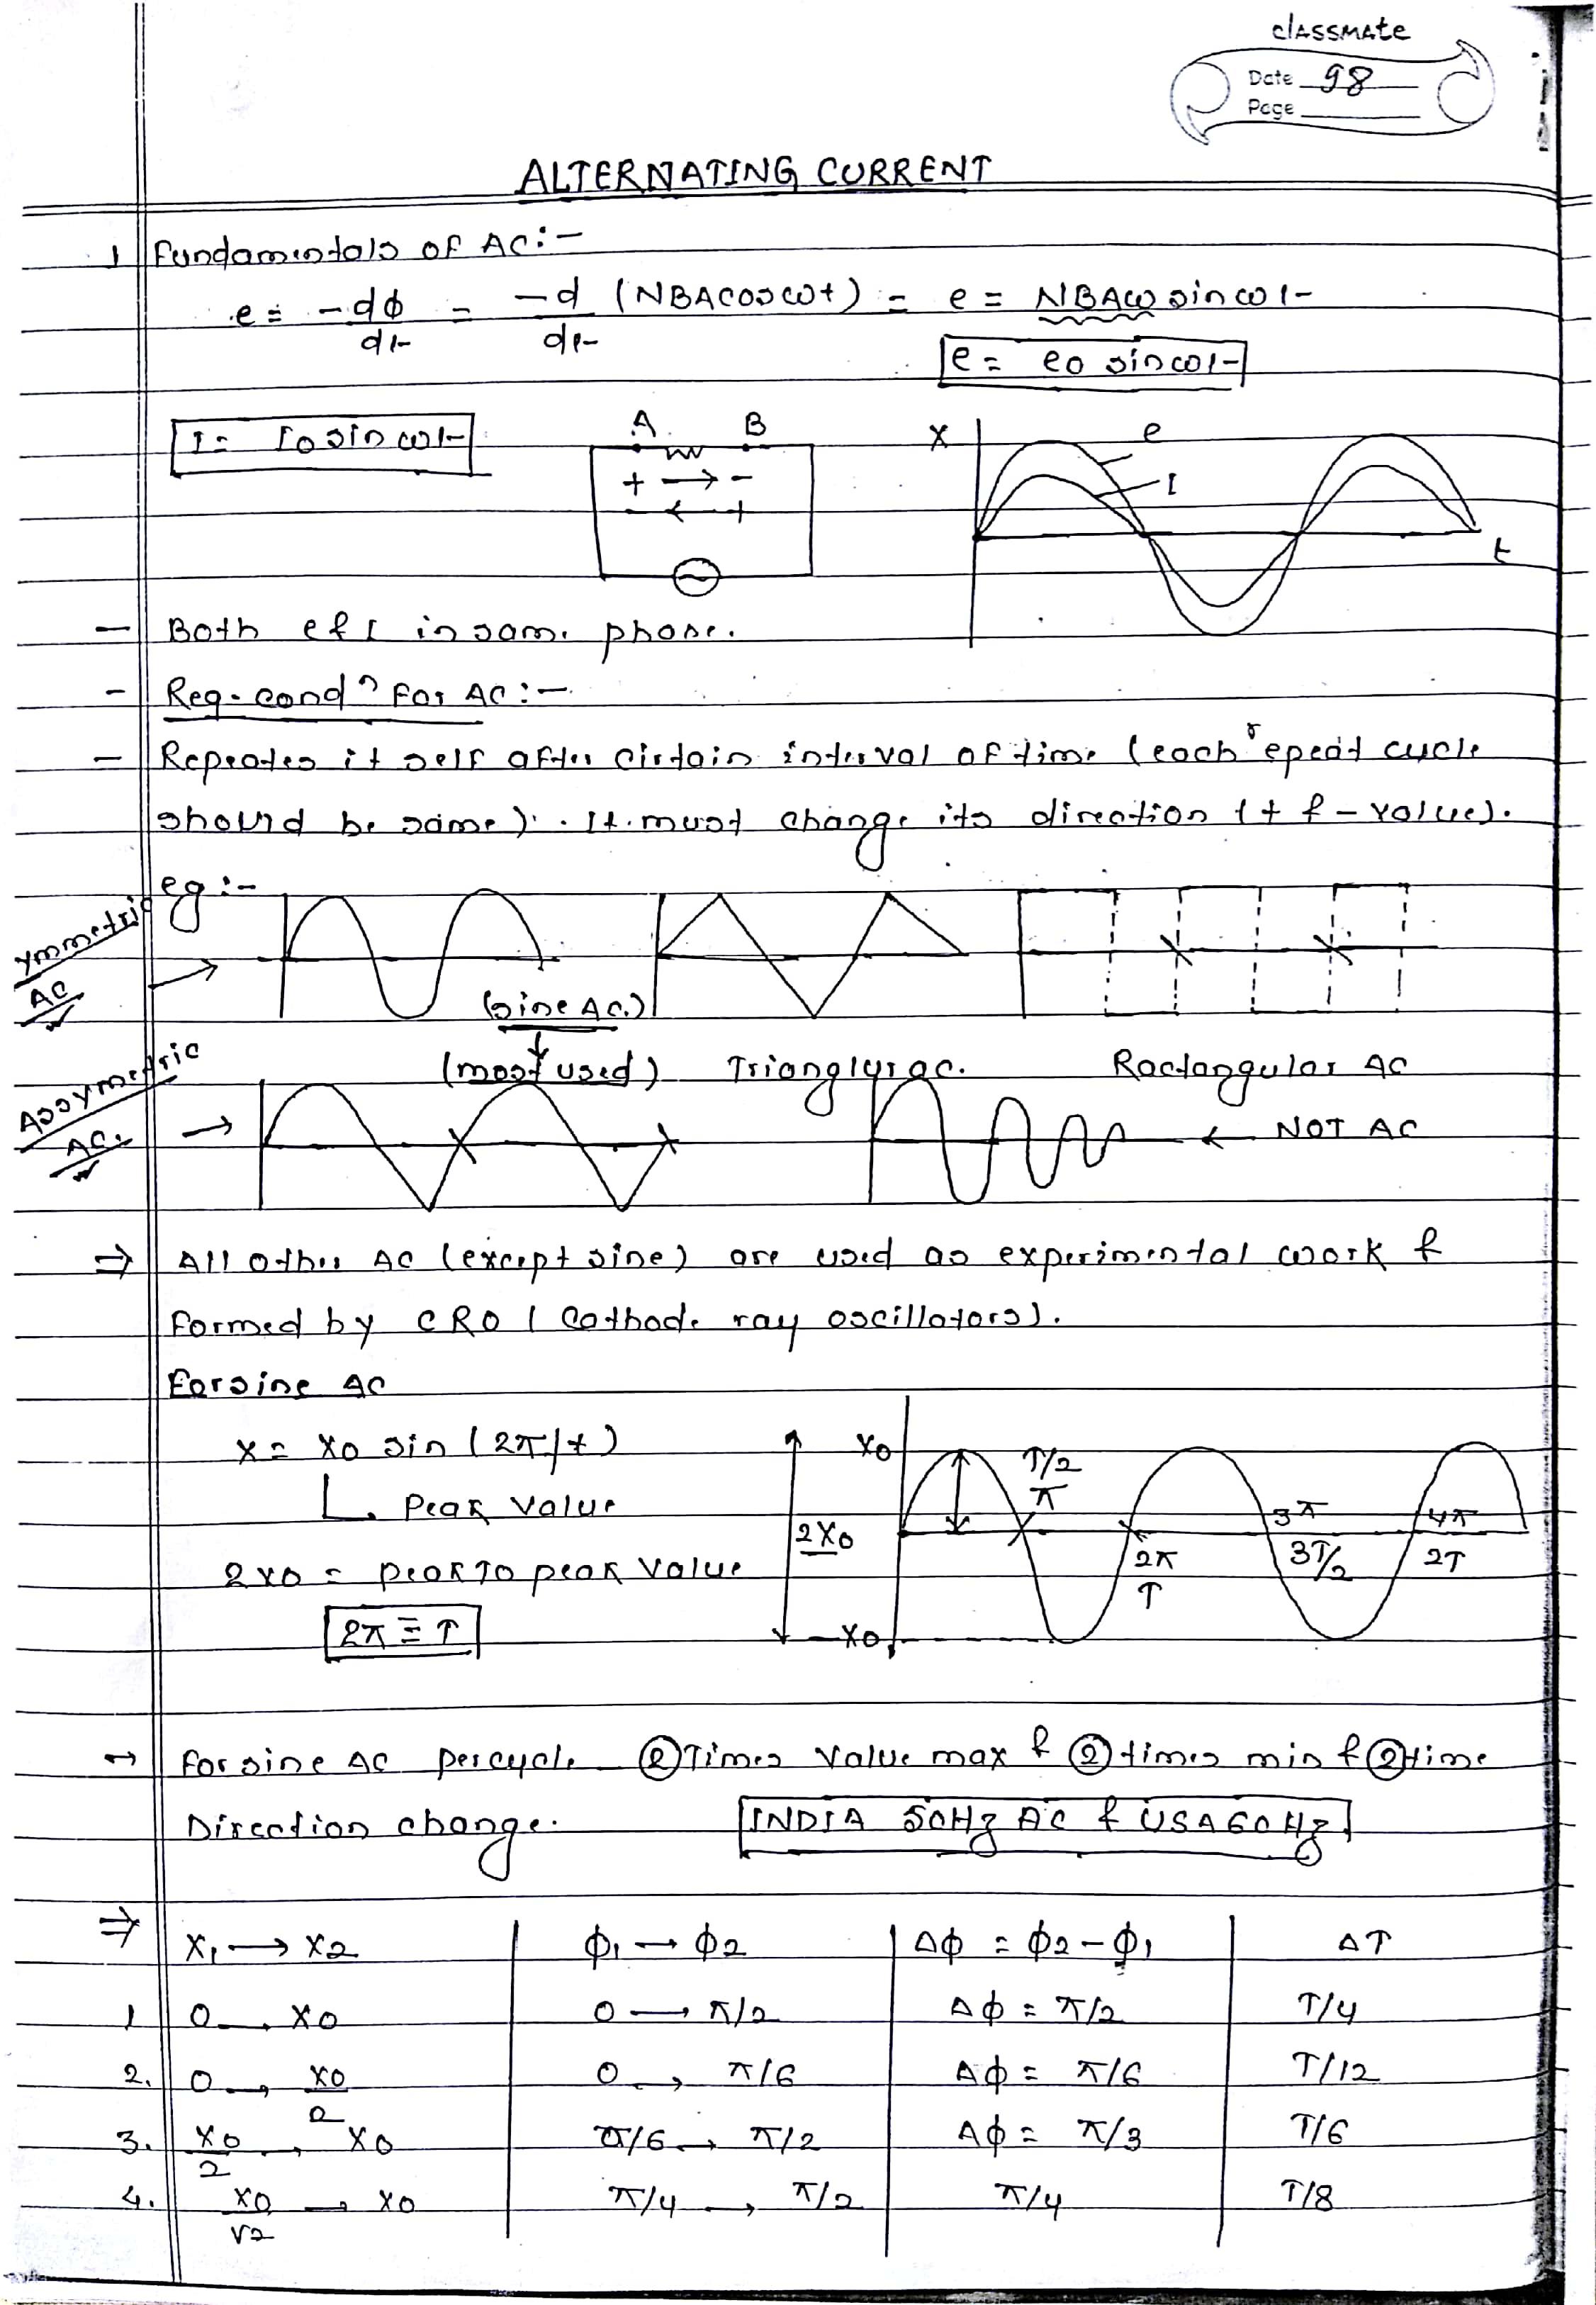 Alternating Current_1